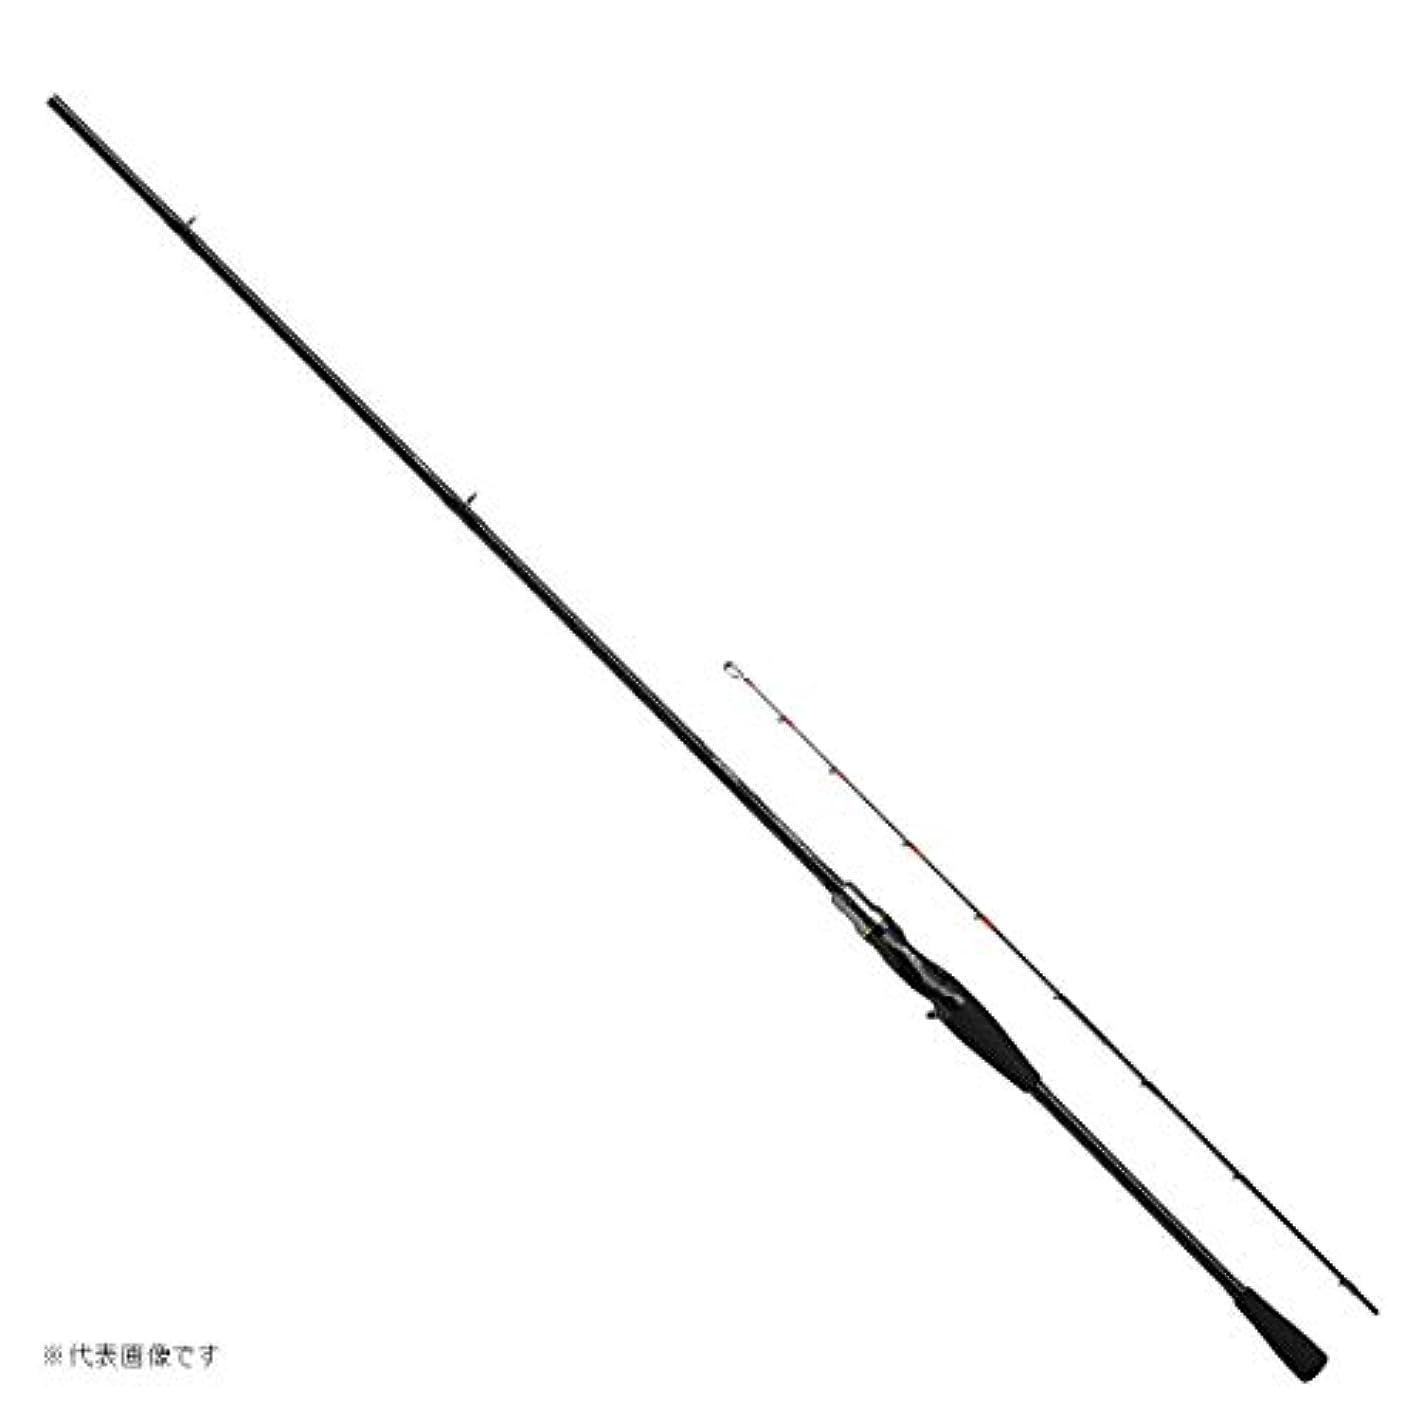 対角線口原子ダイワ(Daiwa) 船竿 ベイト ライトヒラメX S-230 釣り竿